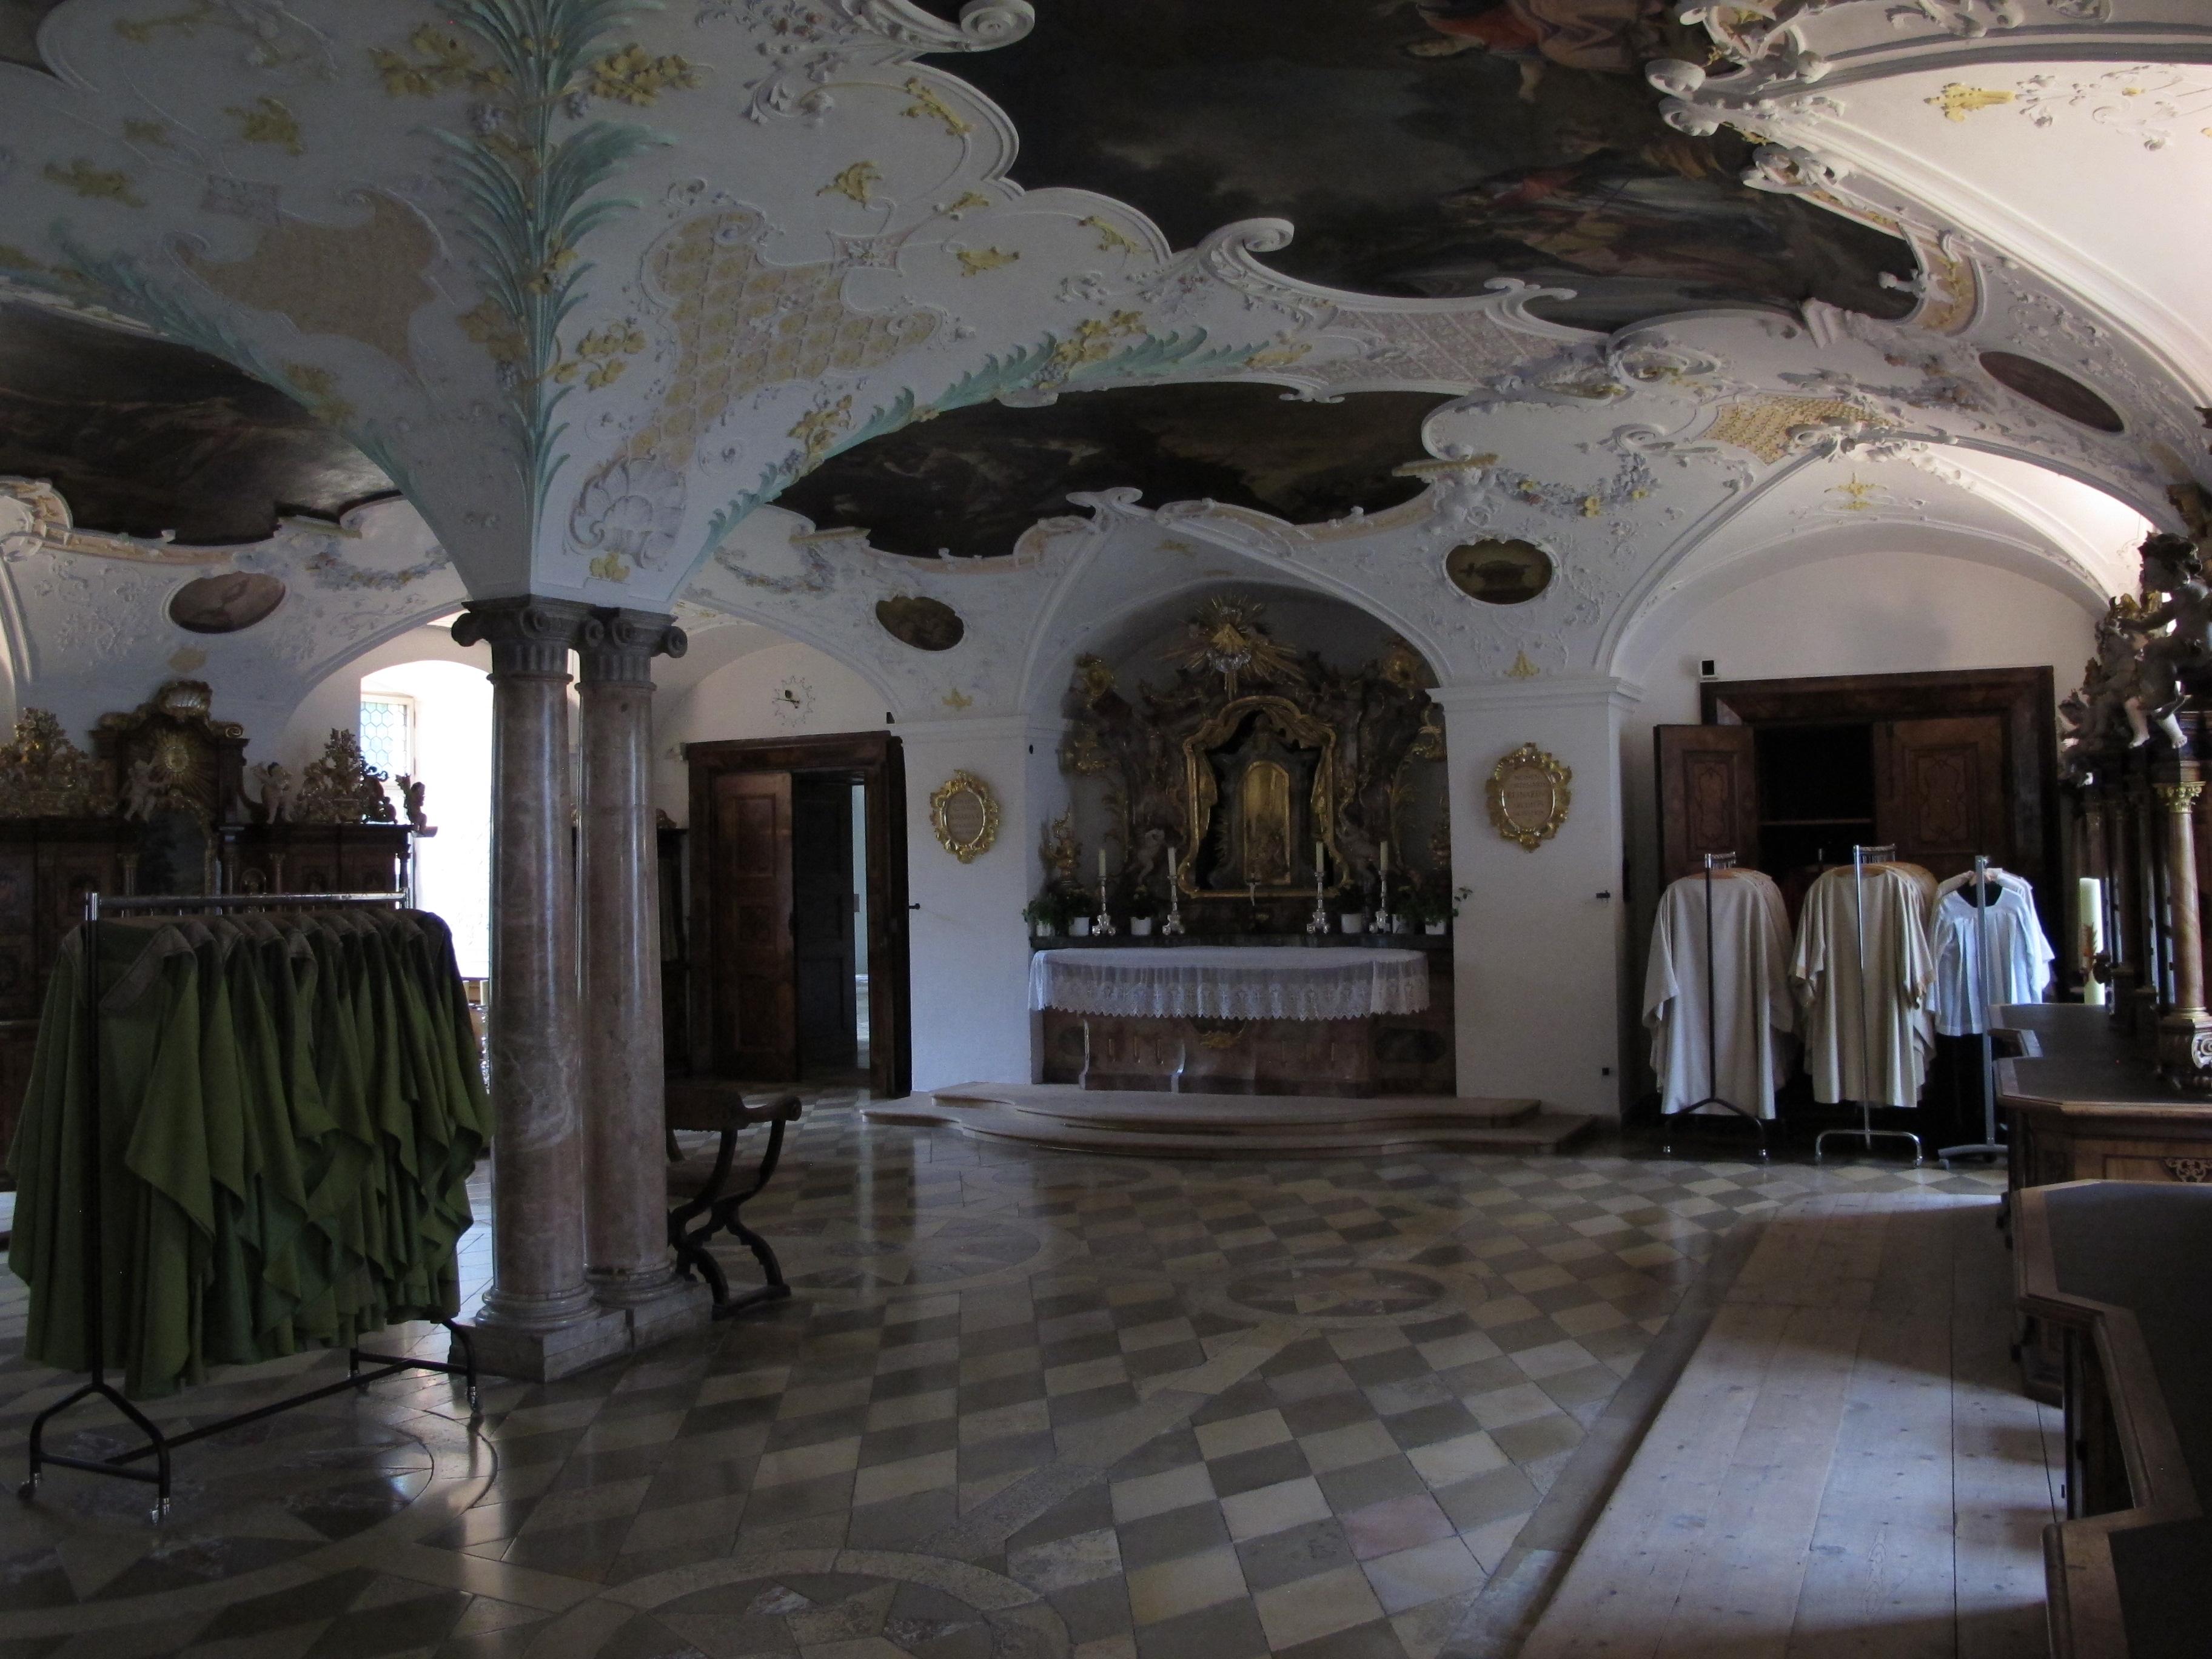 Sakristei_Kloster_Ettal_Vestries_in_Bavaria.JPG?uselang=de